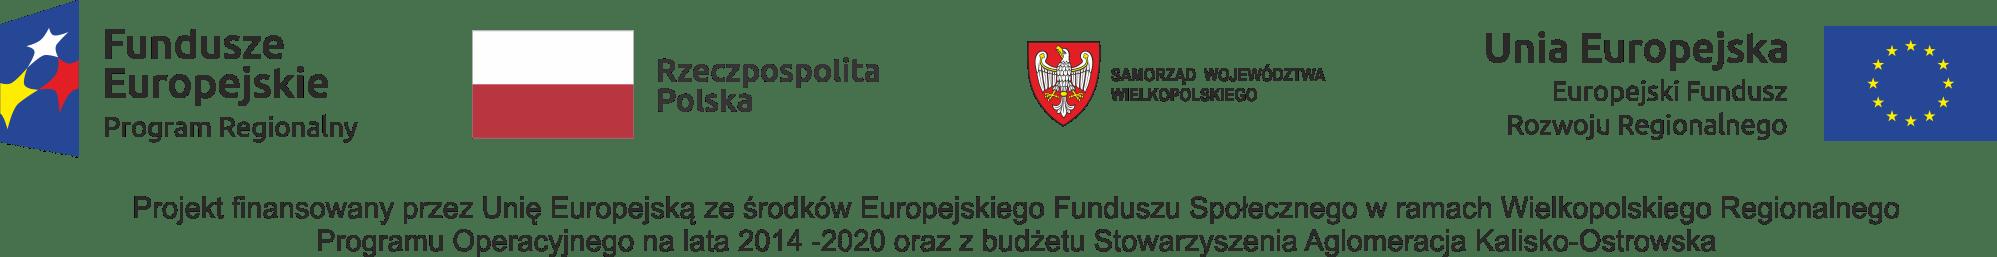 naglowek efrr 01 2019 zpodpisem - Platforma e-usług systemu RZIIP AKO